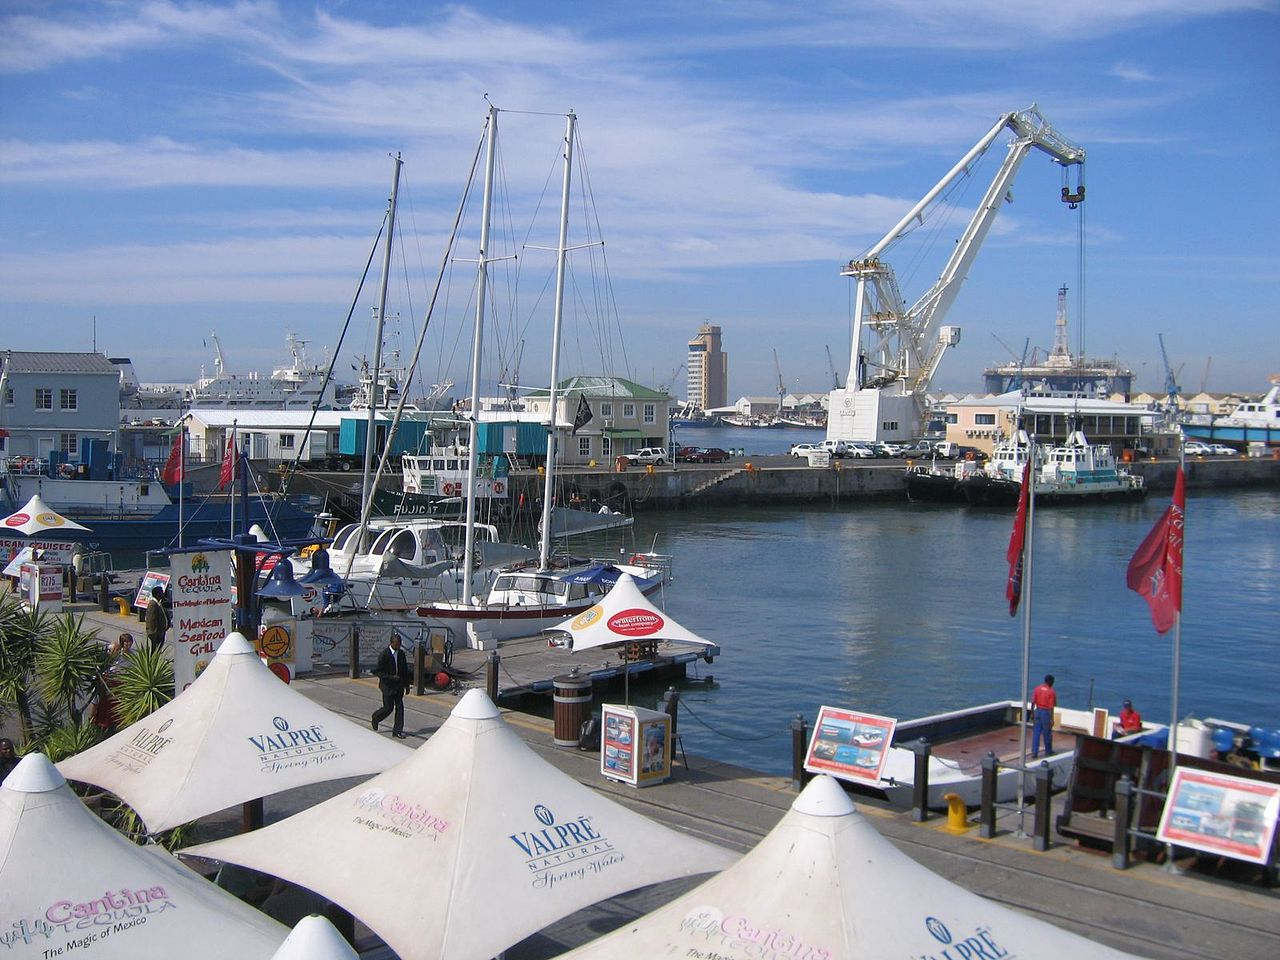 restaurantes recomendados em Cape Town